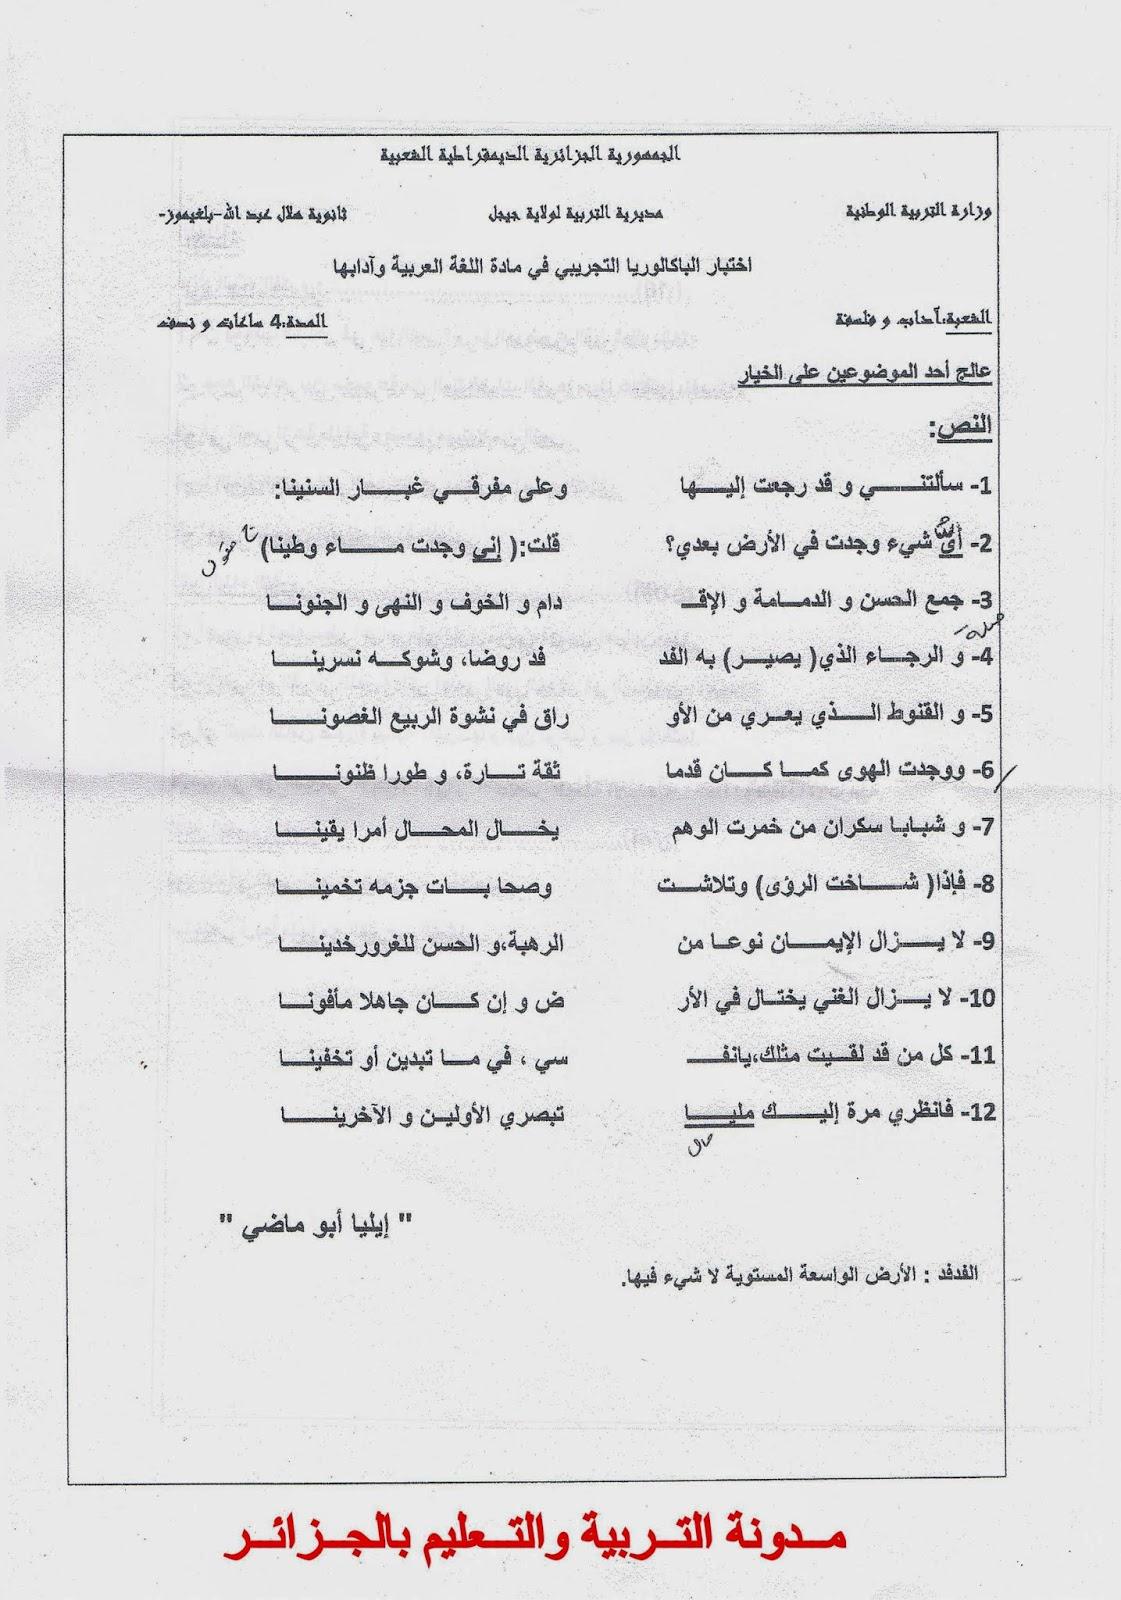 اختبار البكالوريا التجريبي في مادة اللغة العربية وآدابها 000